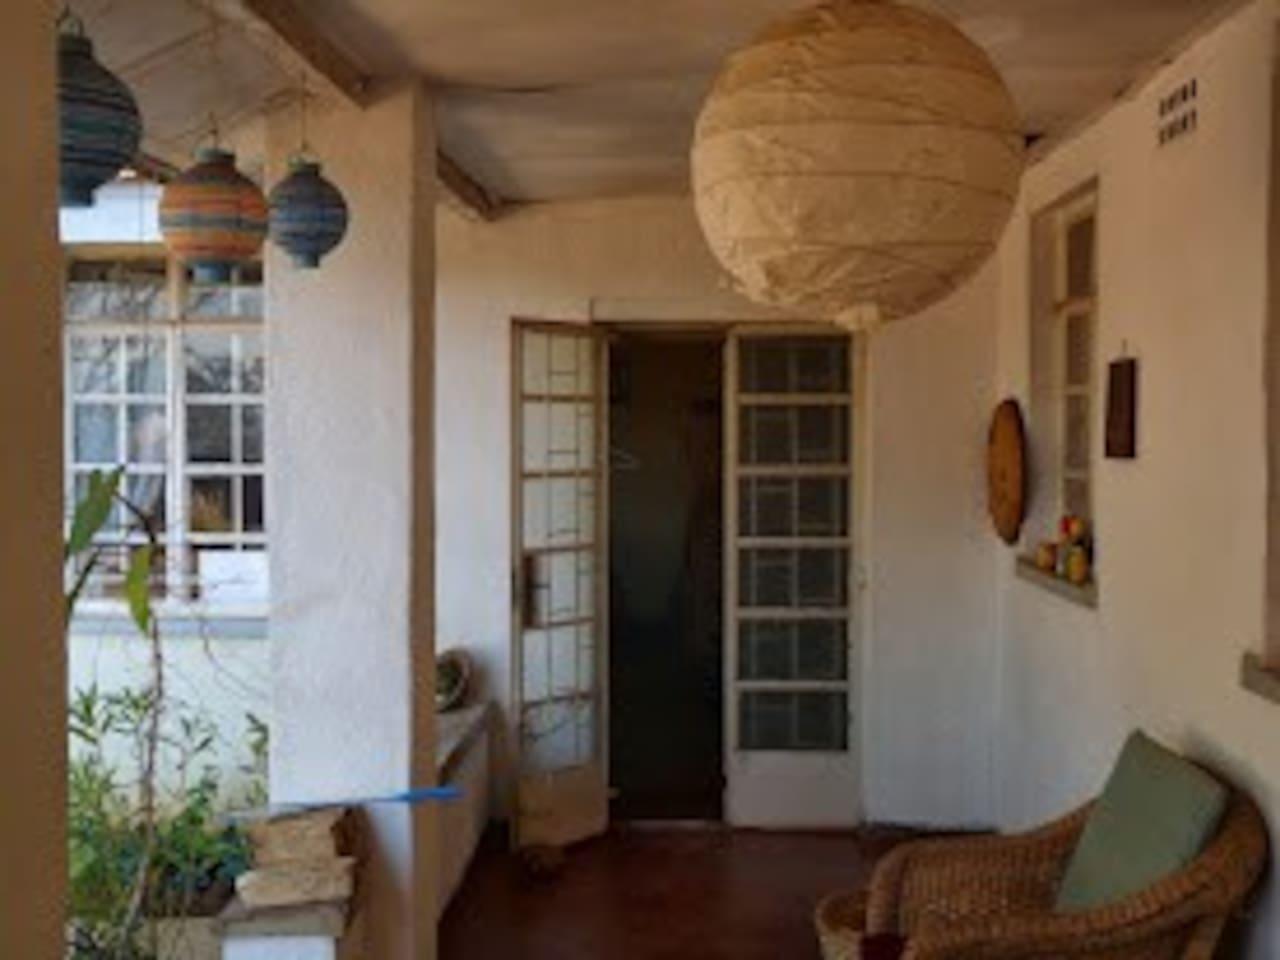 Takulandirani Ku Kunjumba Biriwira = Welcome tO the G-Rien House